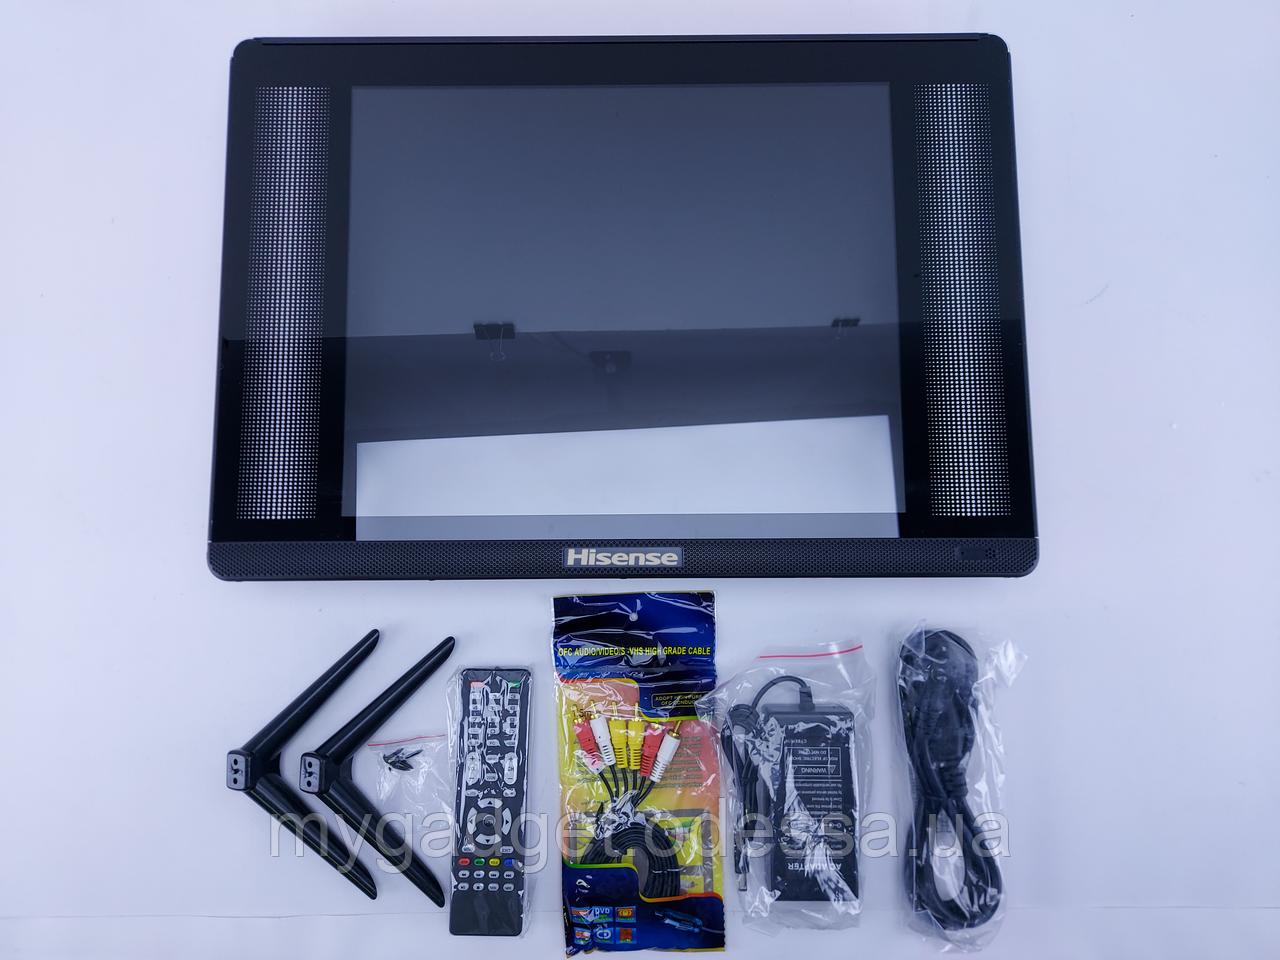 """Фирменный Телевизор Hisense 19"""" HD-Ready/DVB-T2/USB (1366x768)"""